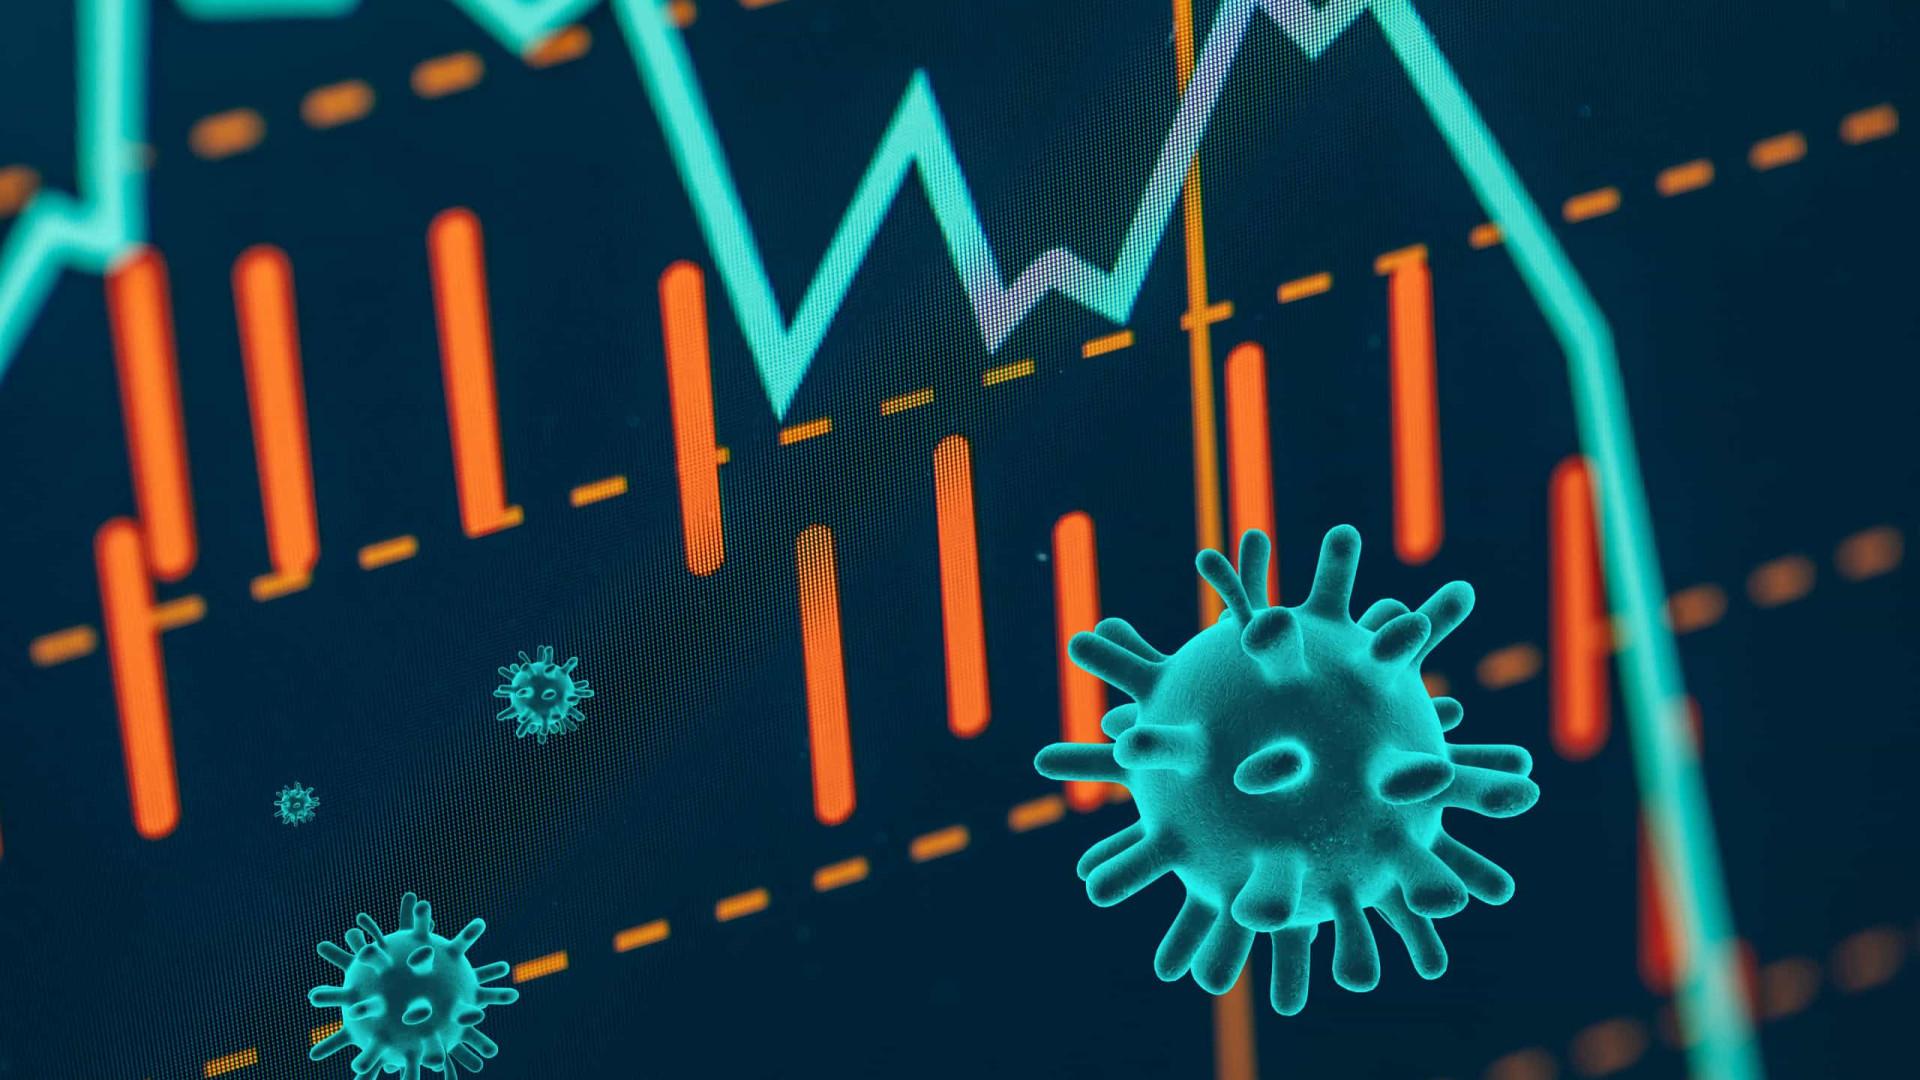 Efeitos econômicos da covid-19 serão sentidos muito além de 2020